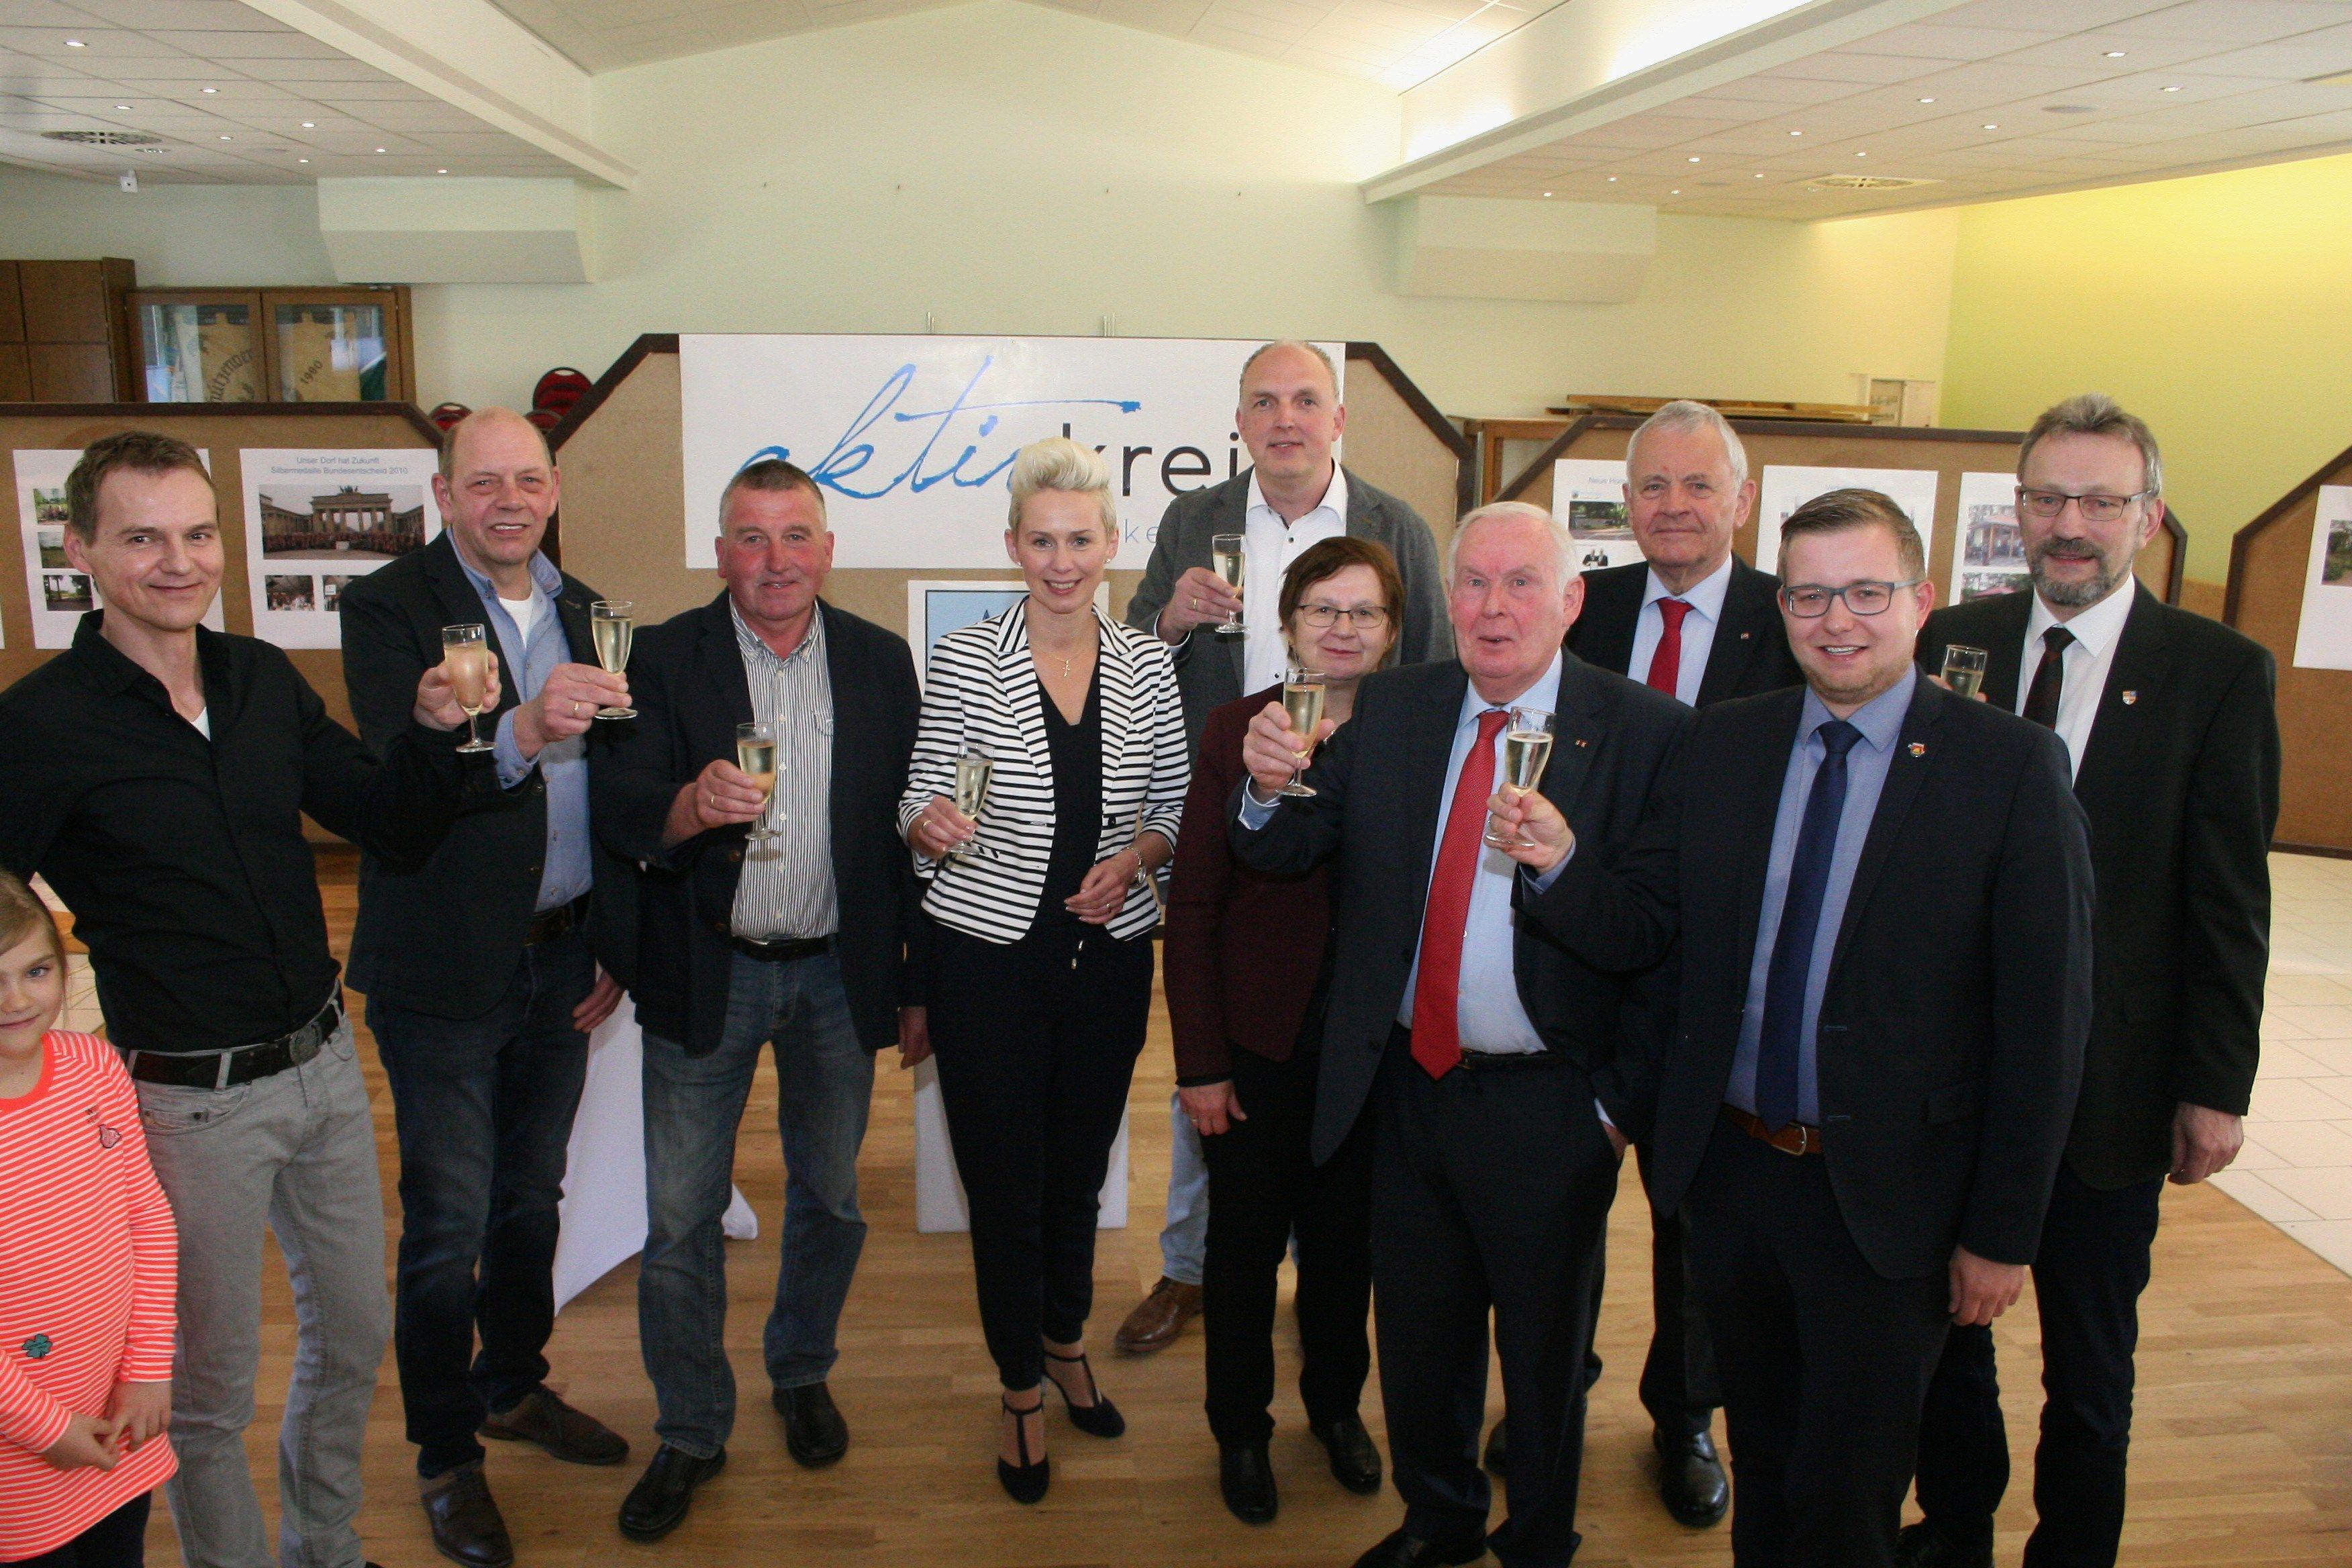 Bürgermeister Nils Anhuth stößt mit dem Aktivkreis Harkebrügge auf das Jubiläum an.